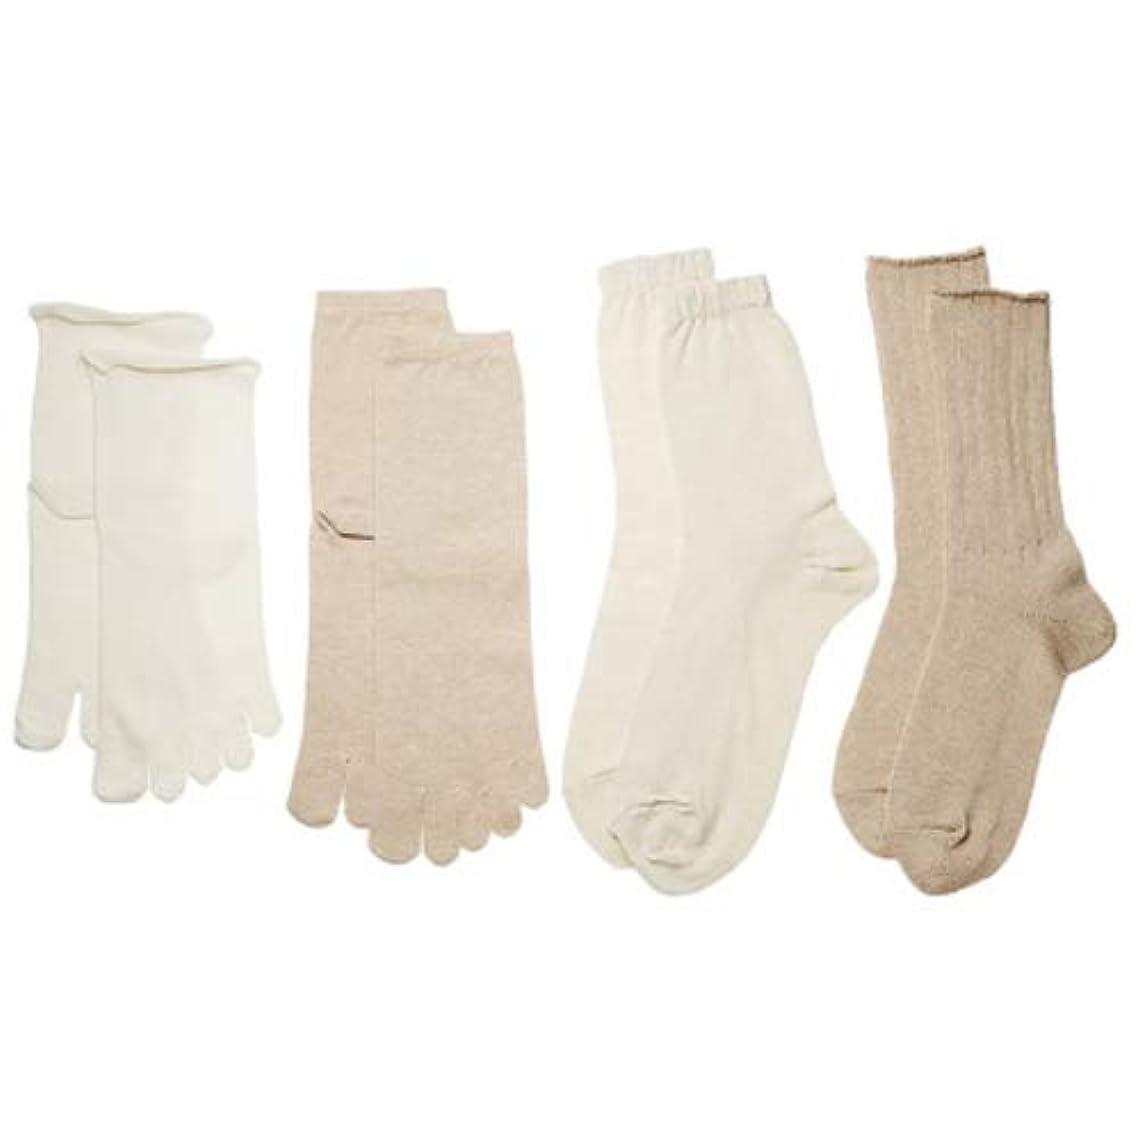 鑑定眠る原点コクーンフィット イノセントシリーズ 4足重ね履き靴下